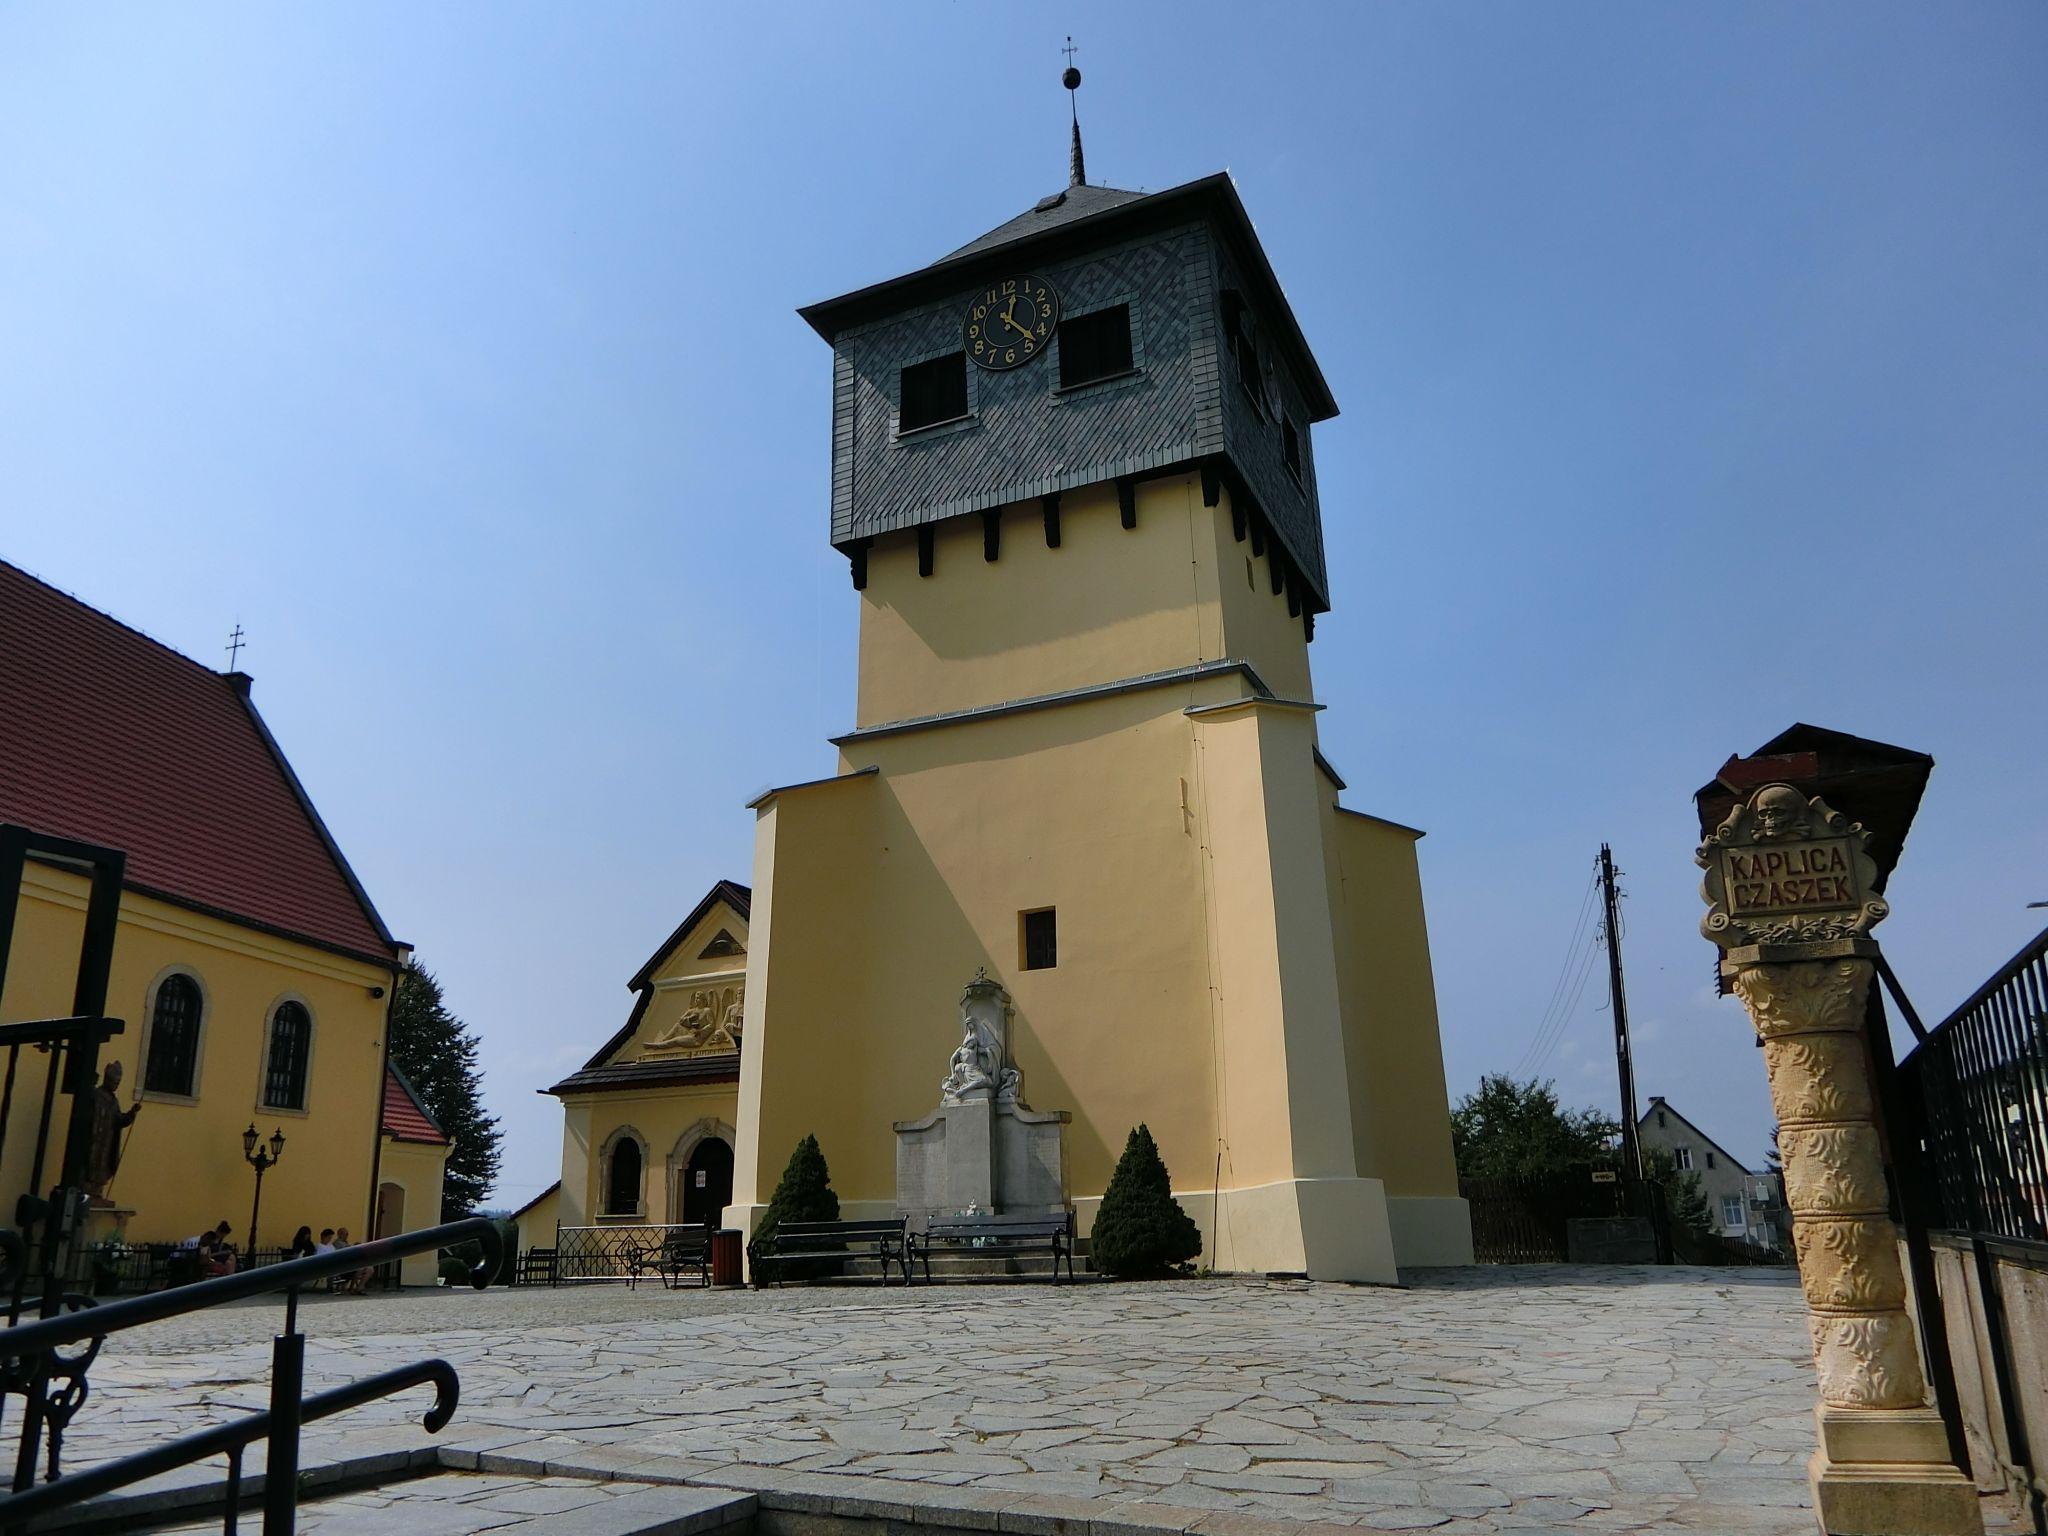 Kaplica Czaszek, Poland